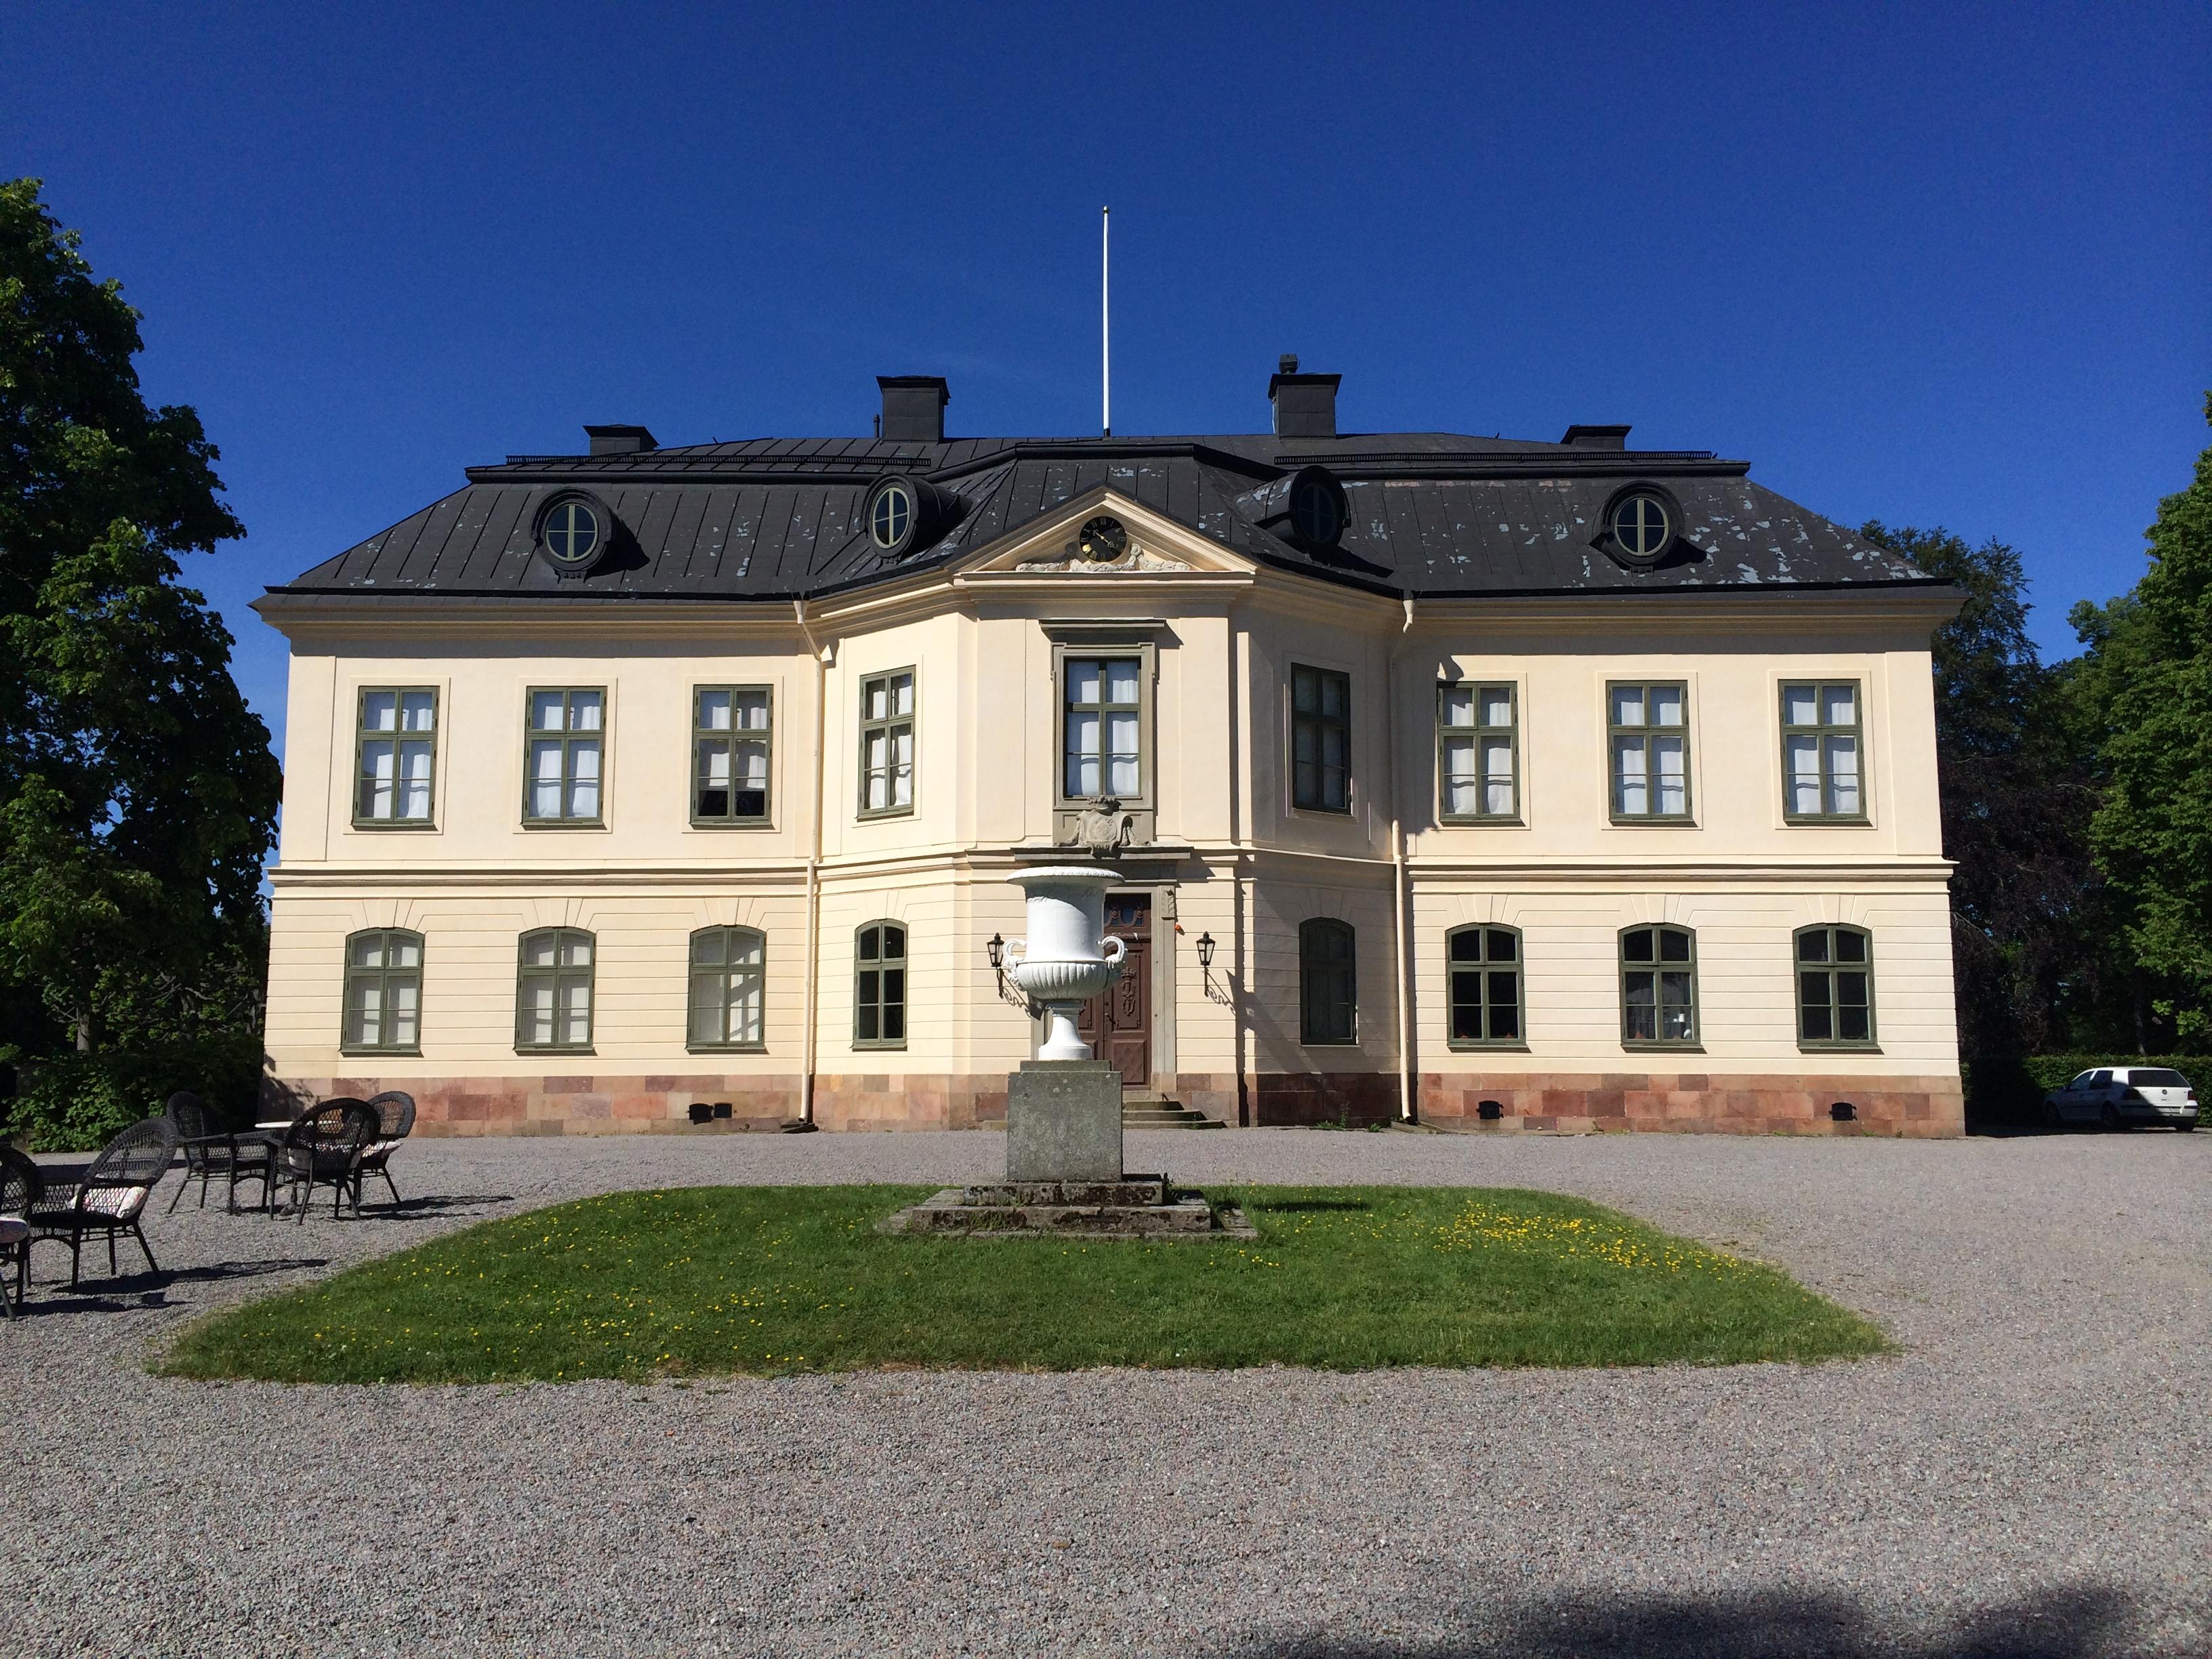 Huvudbyggnaden på Sturehovs slott ritades av Carl Fredrik Adelcrantz och stod färdig 1781. Byggherre var Johan Liljencrantz.